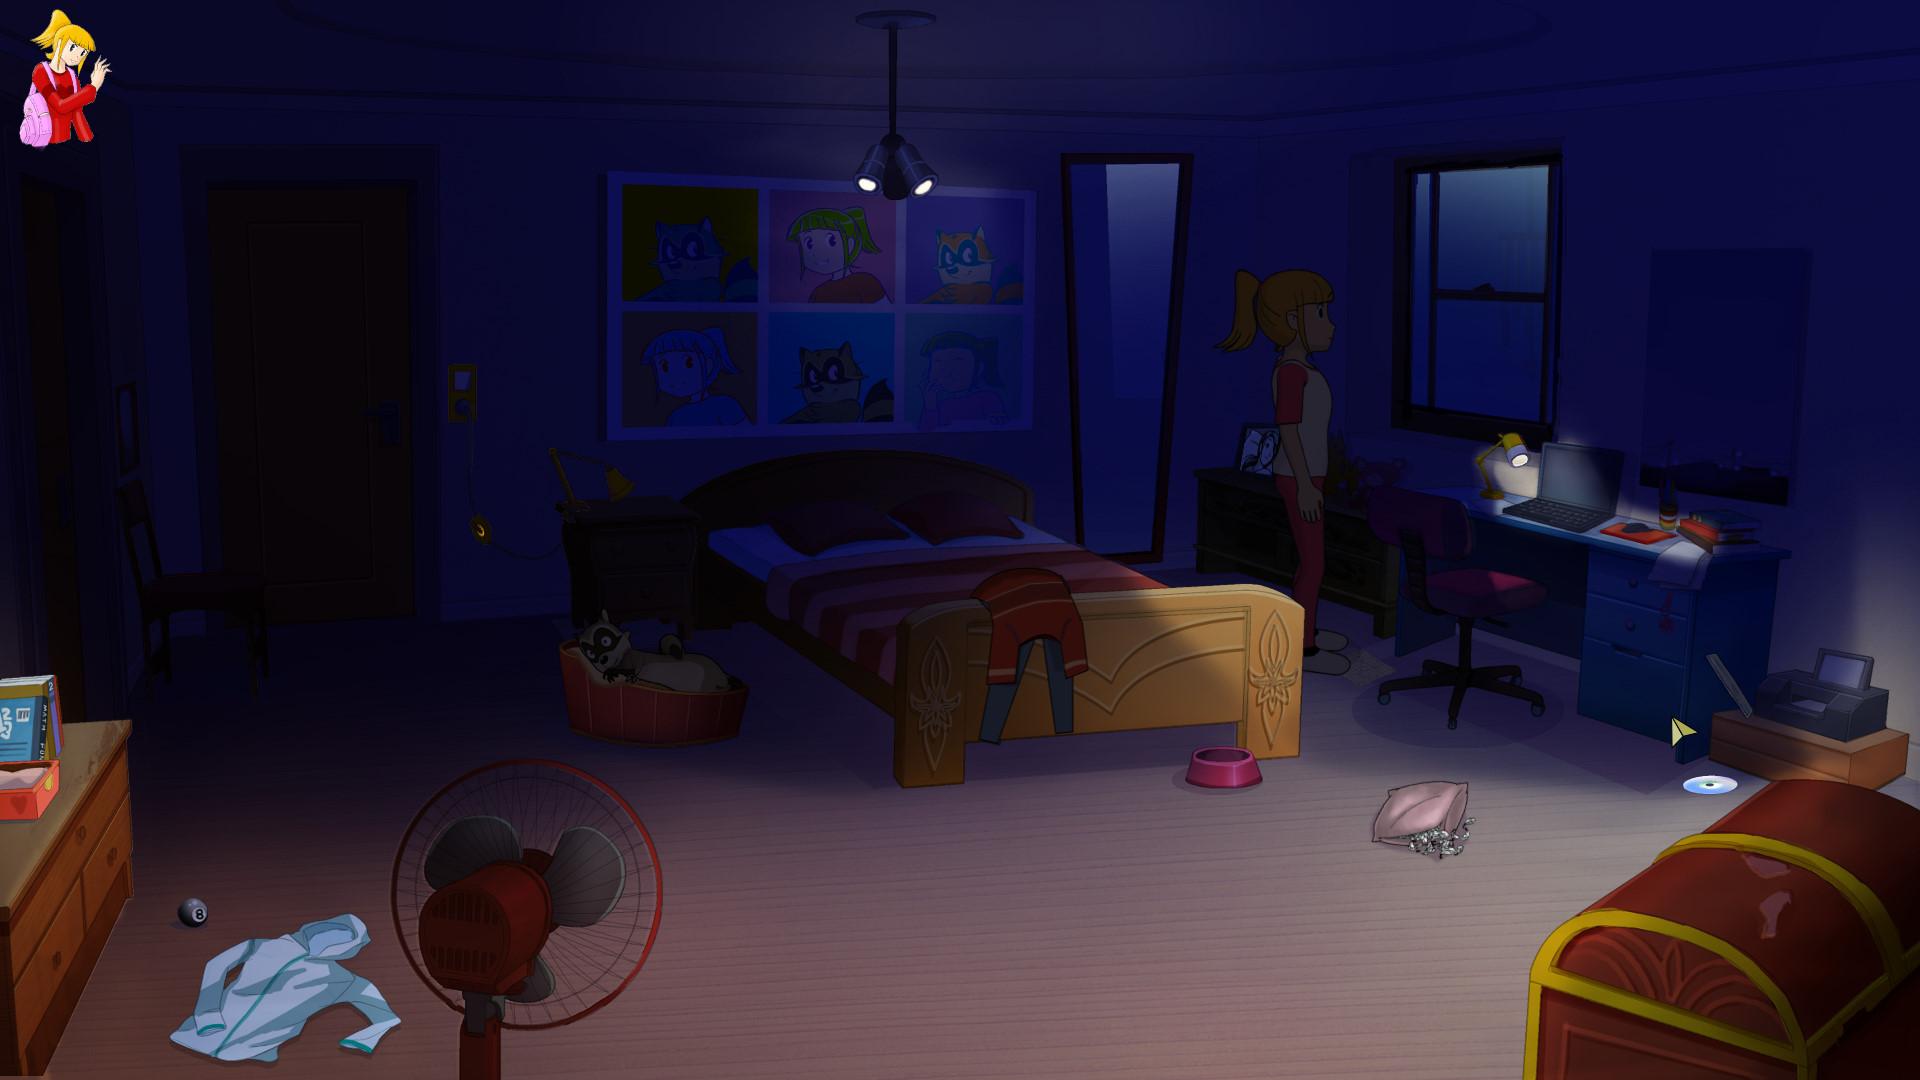 Room Escape Computer Game